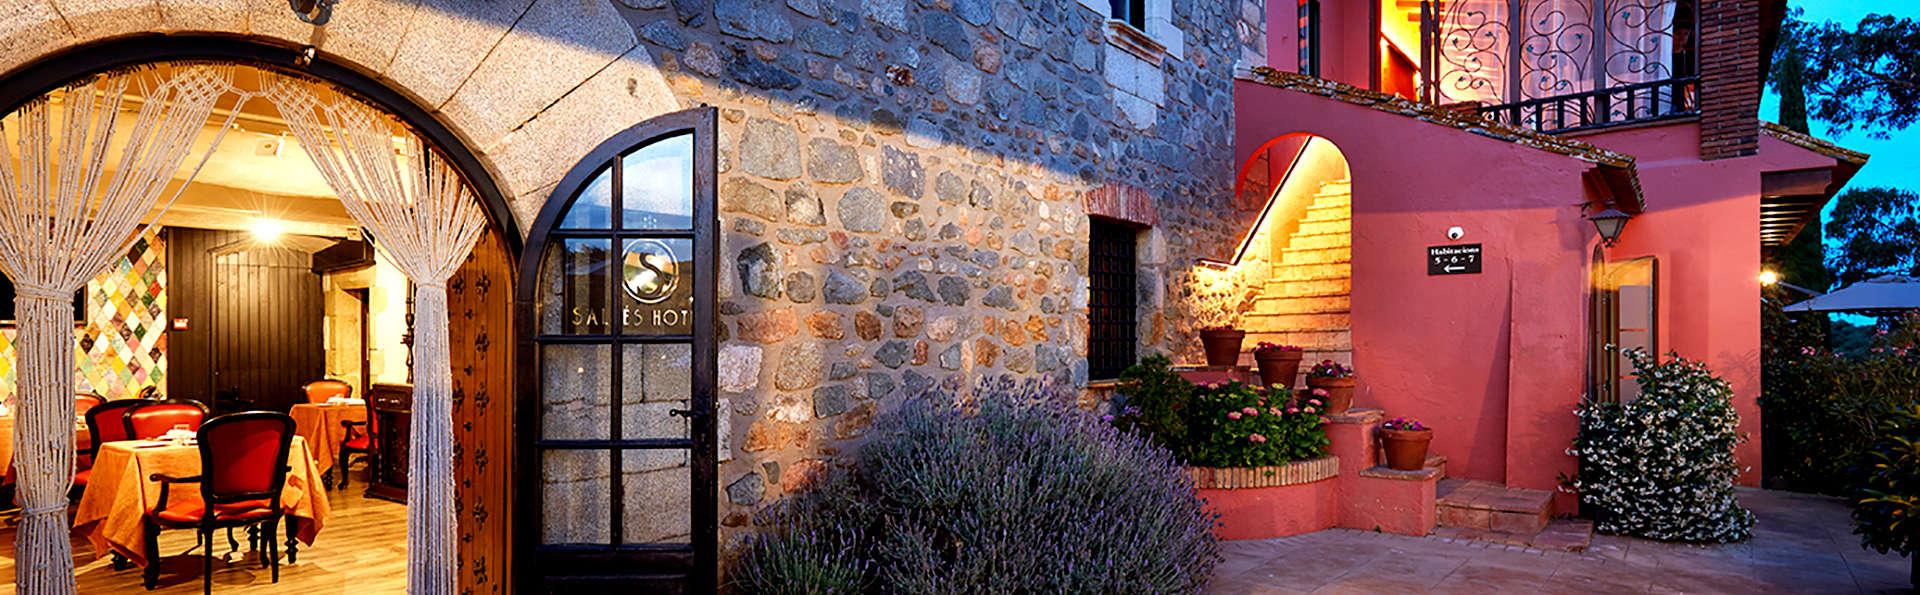 Sallés Hotel Mas Tapiolas - EDIT_NEW2_VIEW.jpg